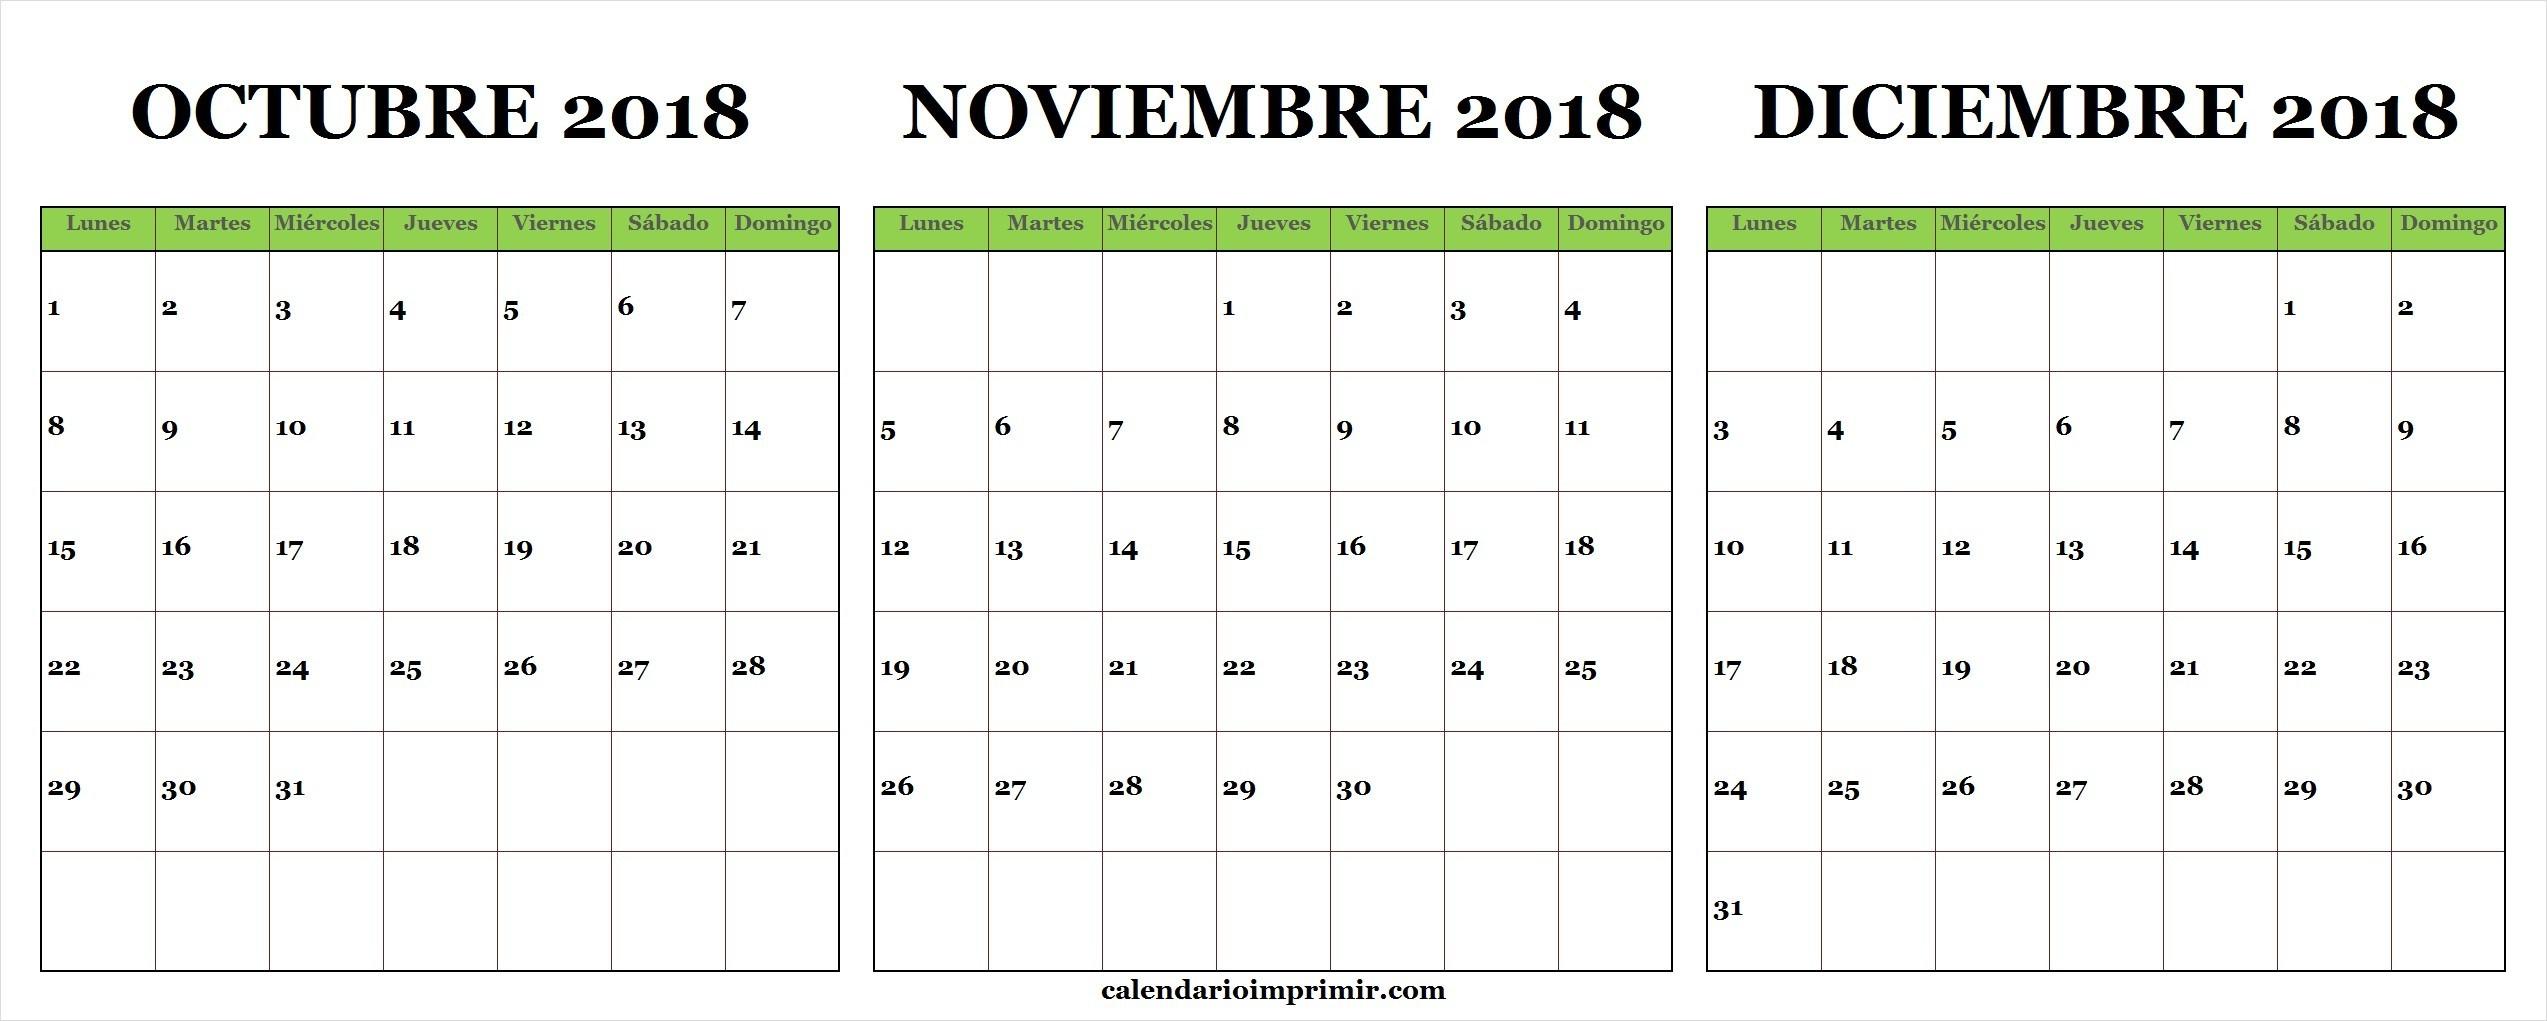 Calendario Colombia 2019 Para Imprimir Más Populares Best Calendario Mes De Octubre Y Noviembre 2018 Image Collection